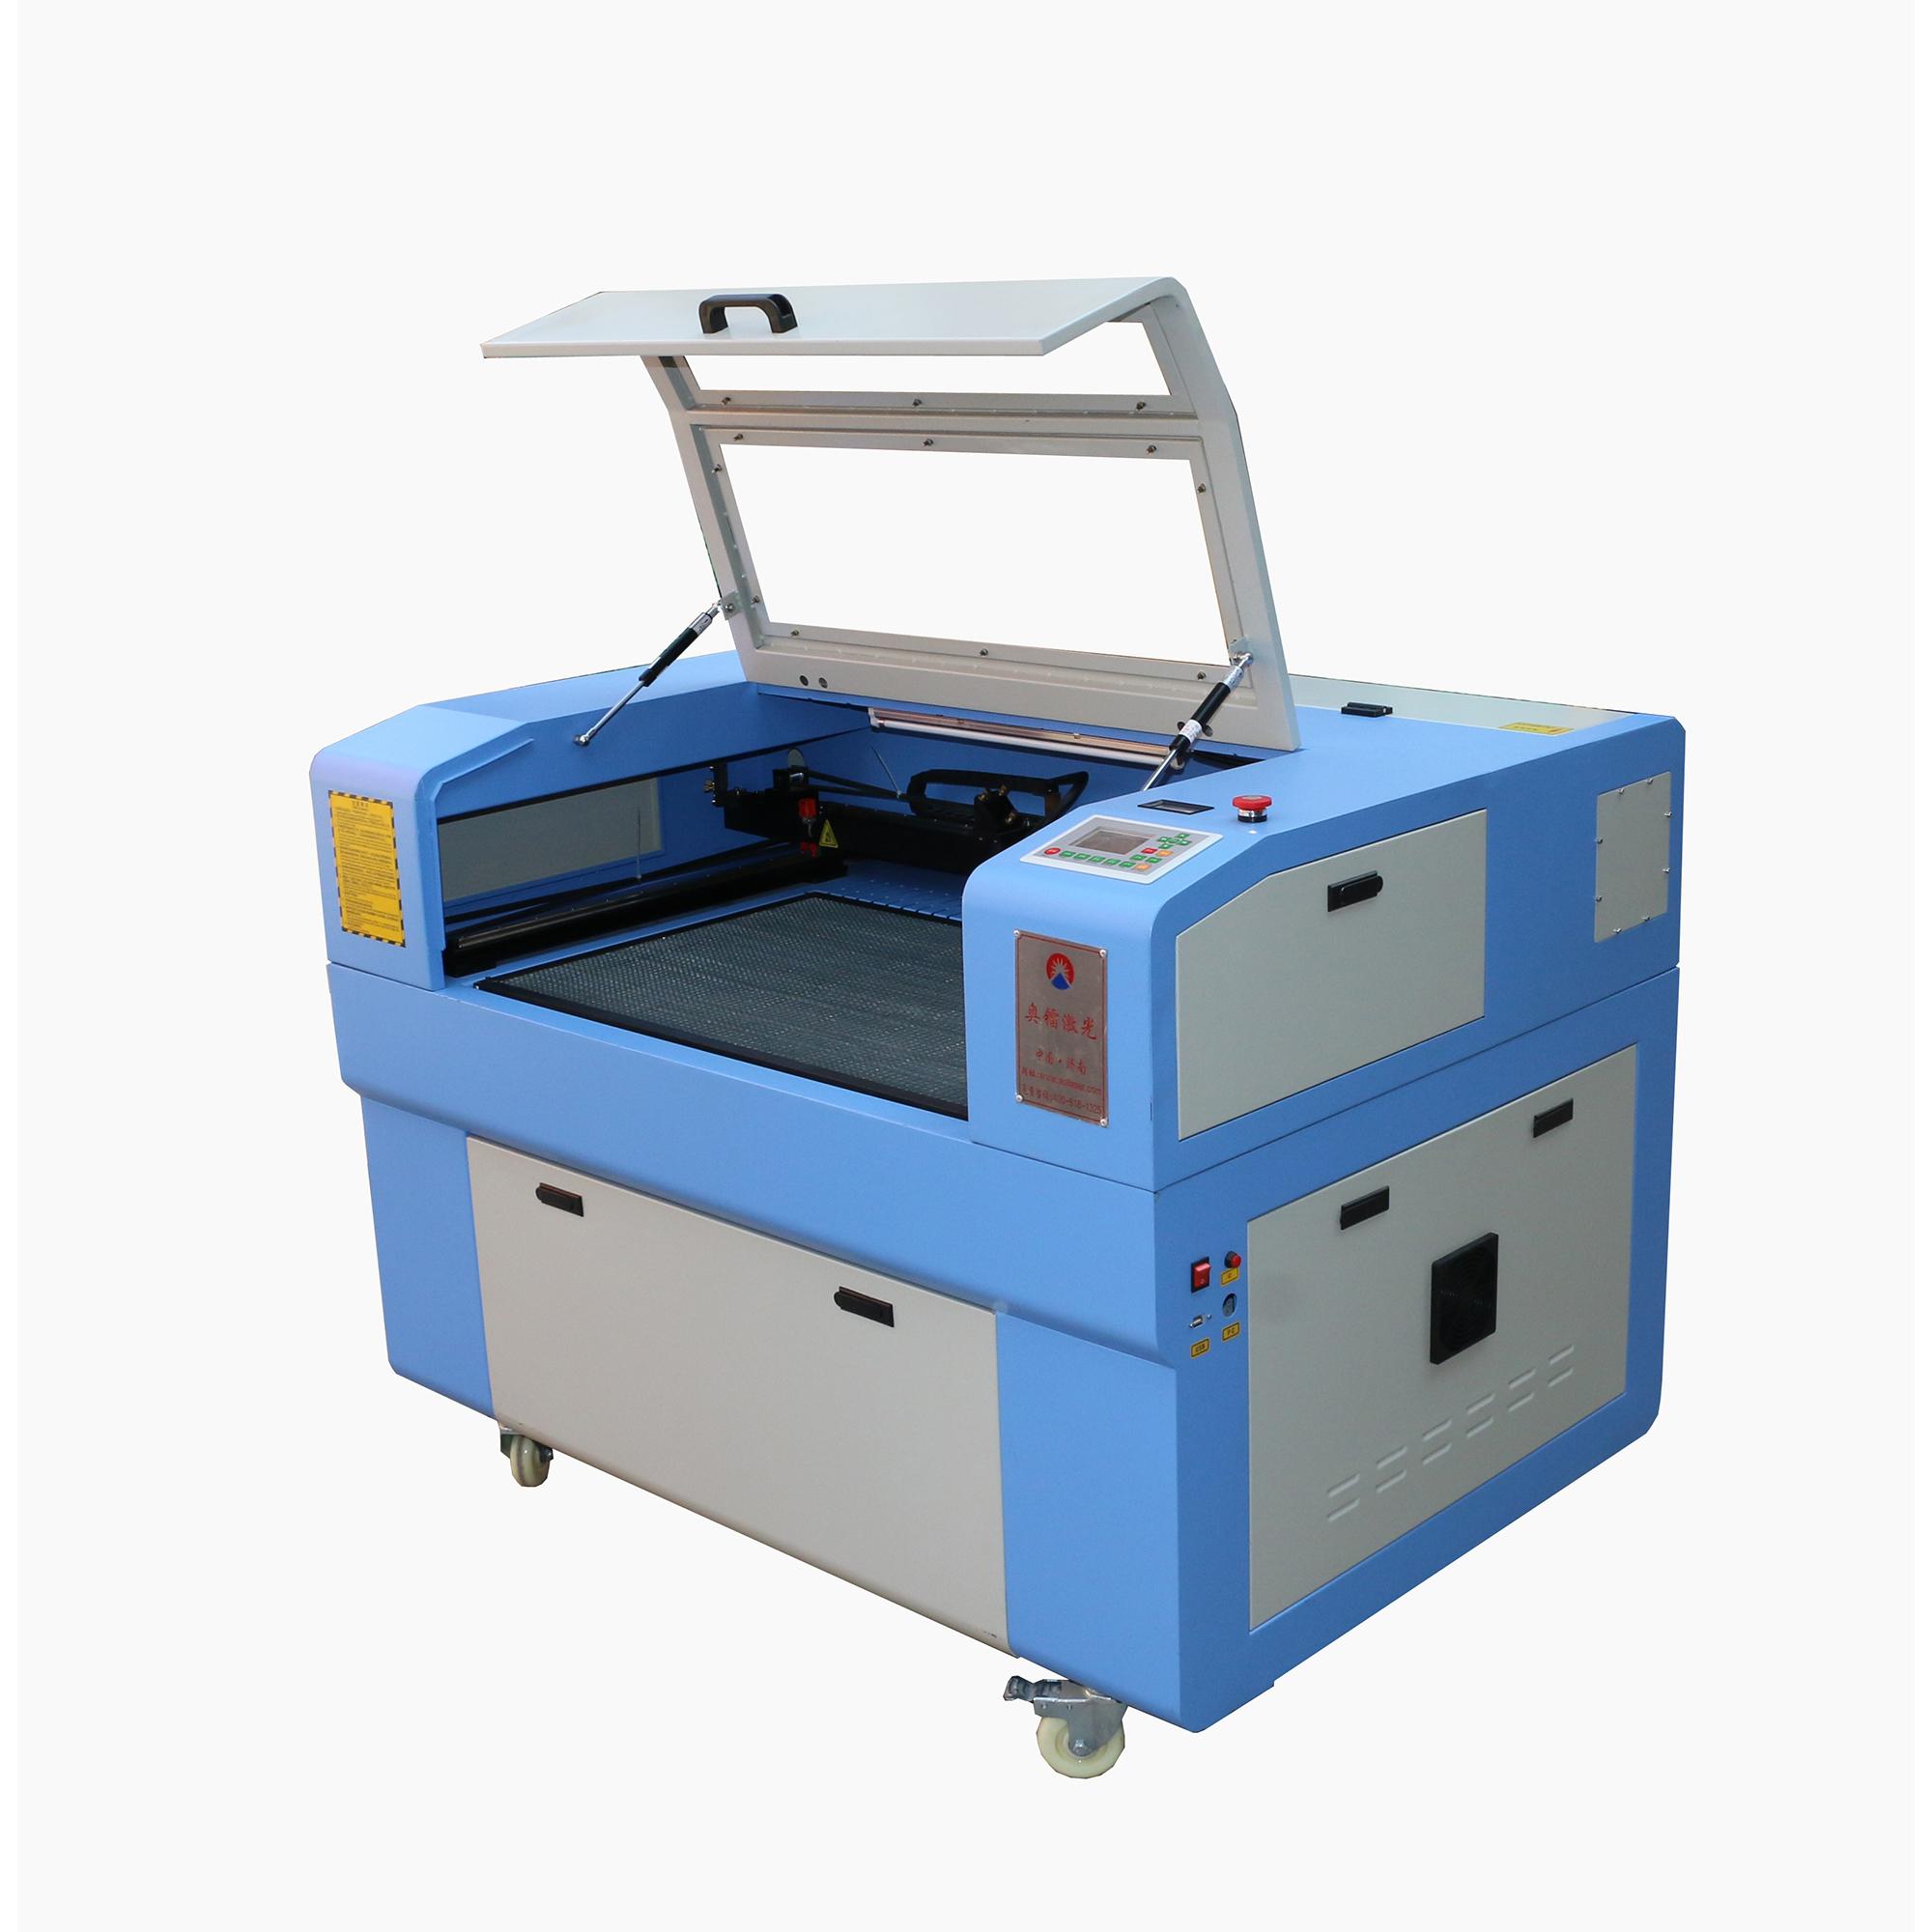 AOL Haute Qualité Sous-surface Intérieure En Cristal 3D Laser Machine de Gravure Prix Souterrain Gravure Laser